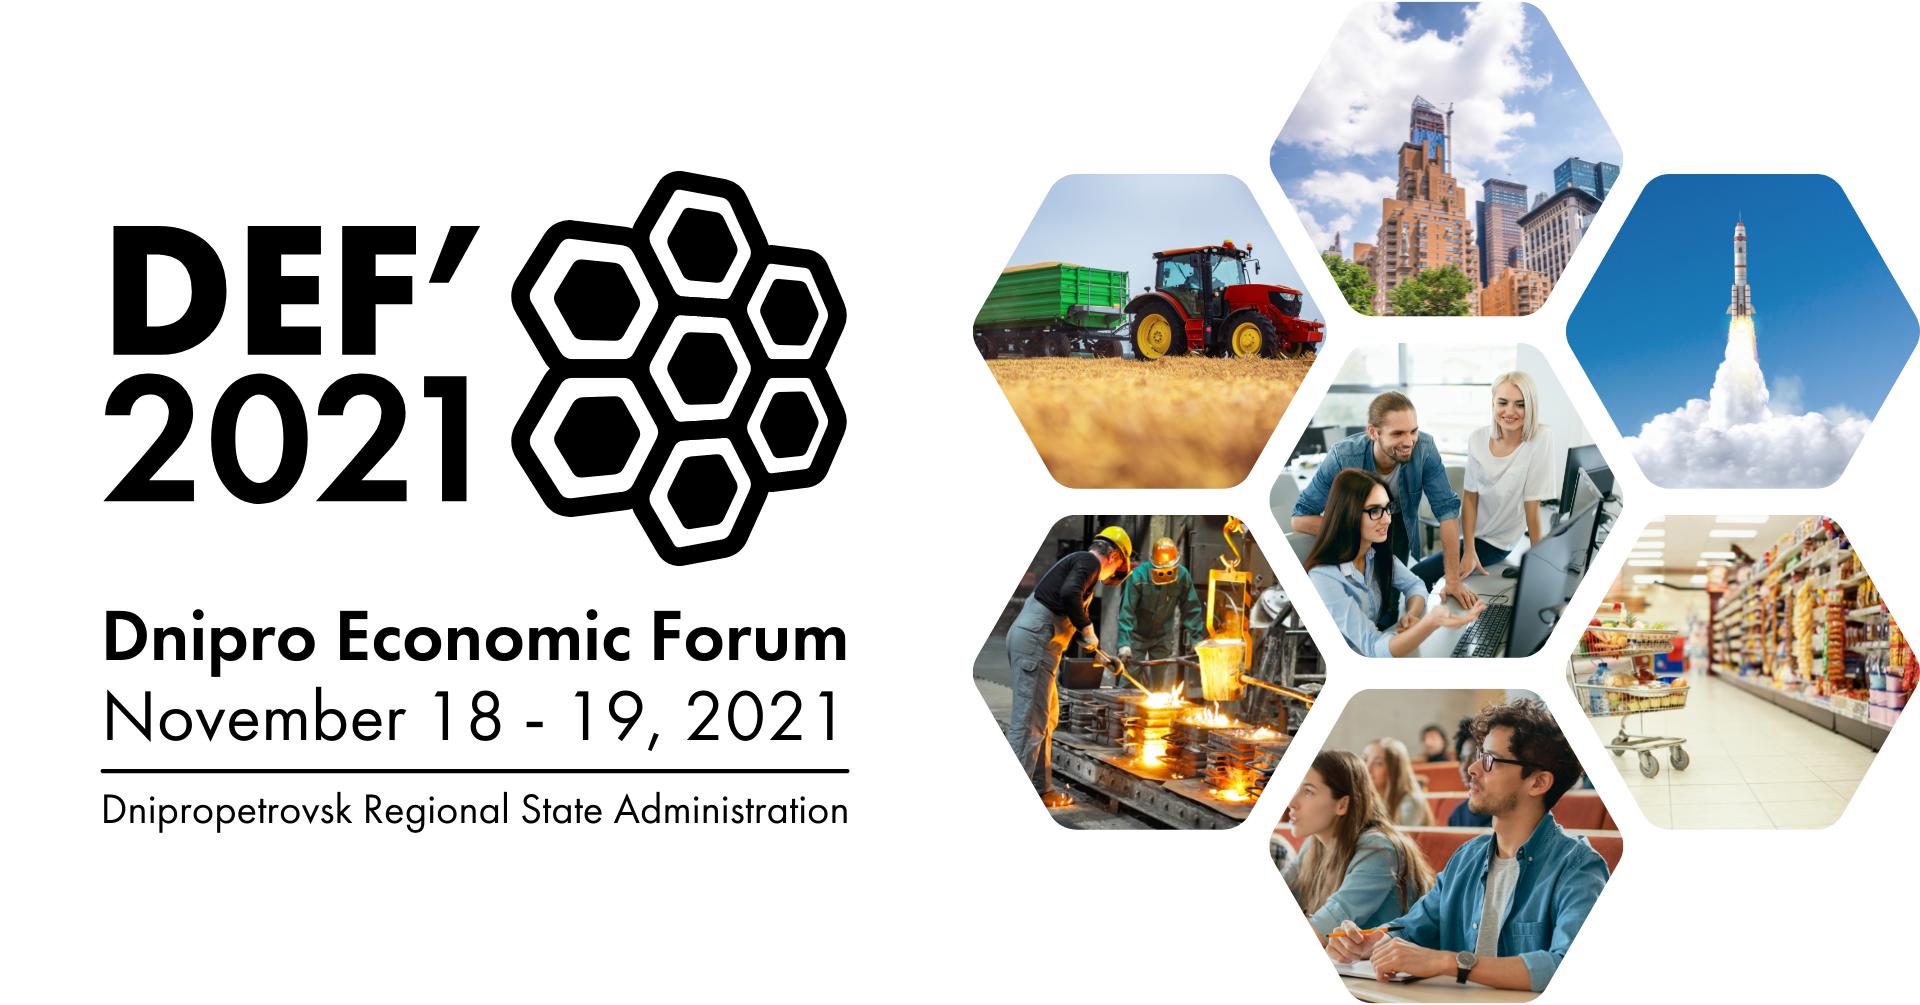 У Дніпрі відбудеться міжнародний економічний форум DEF-2021